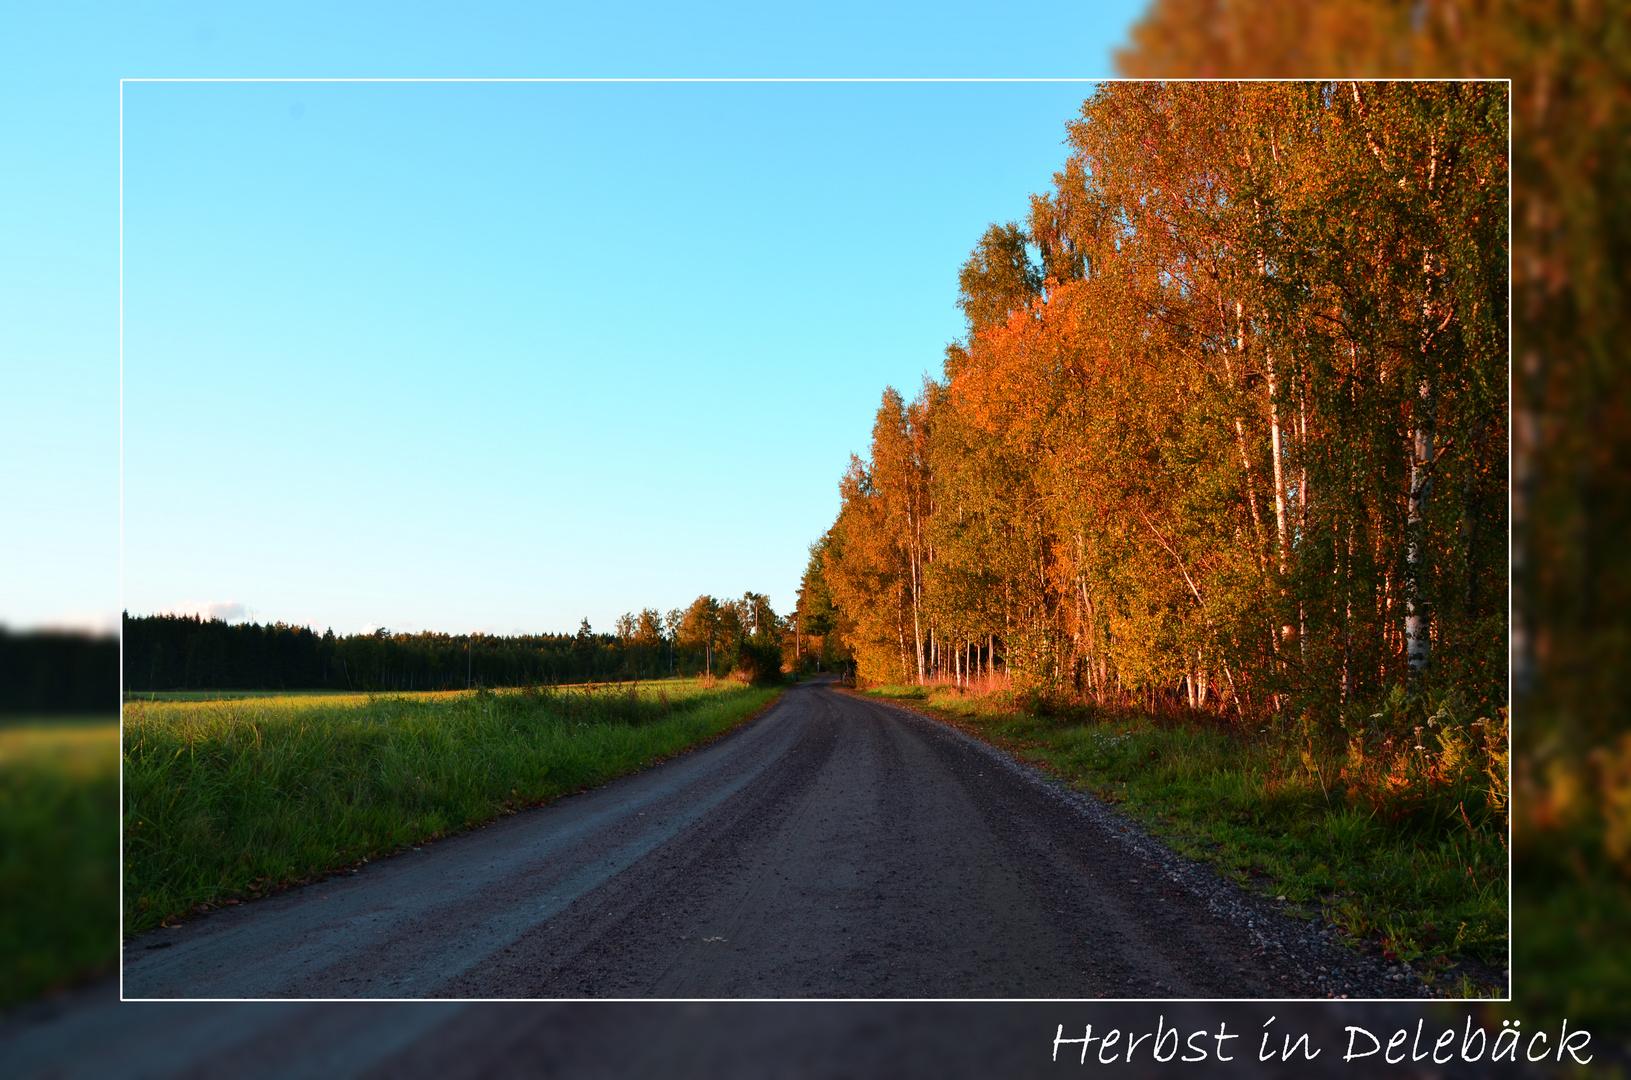 Herbst in Delebäck